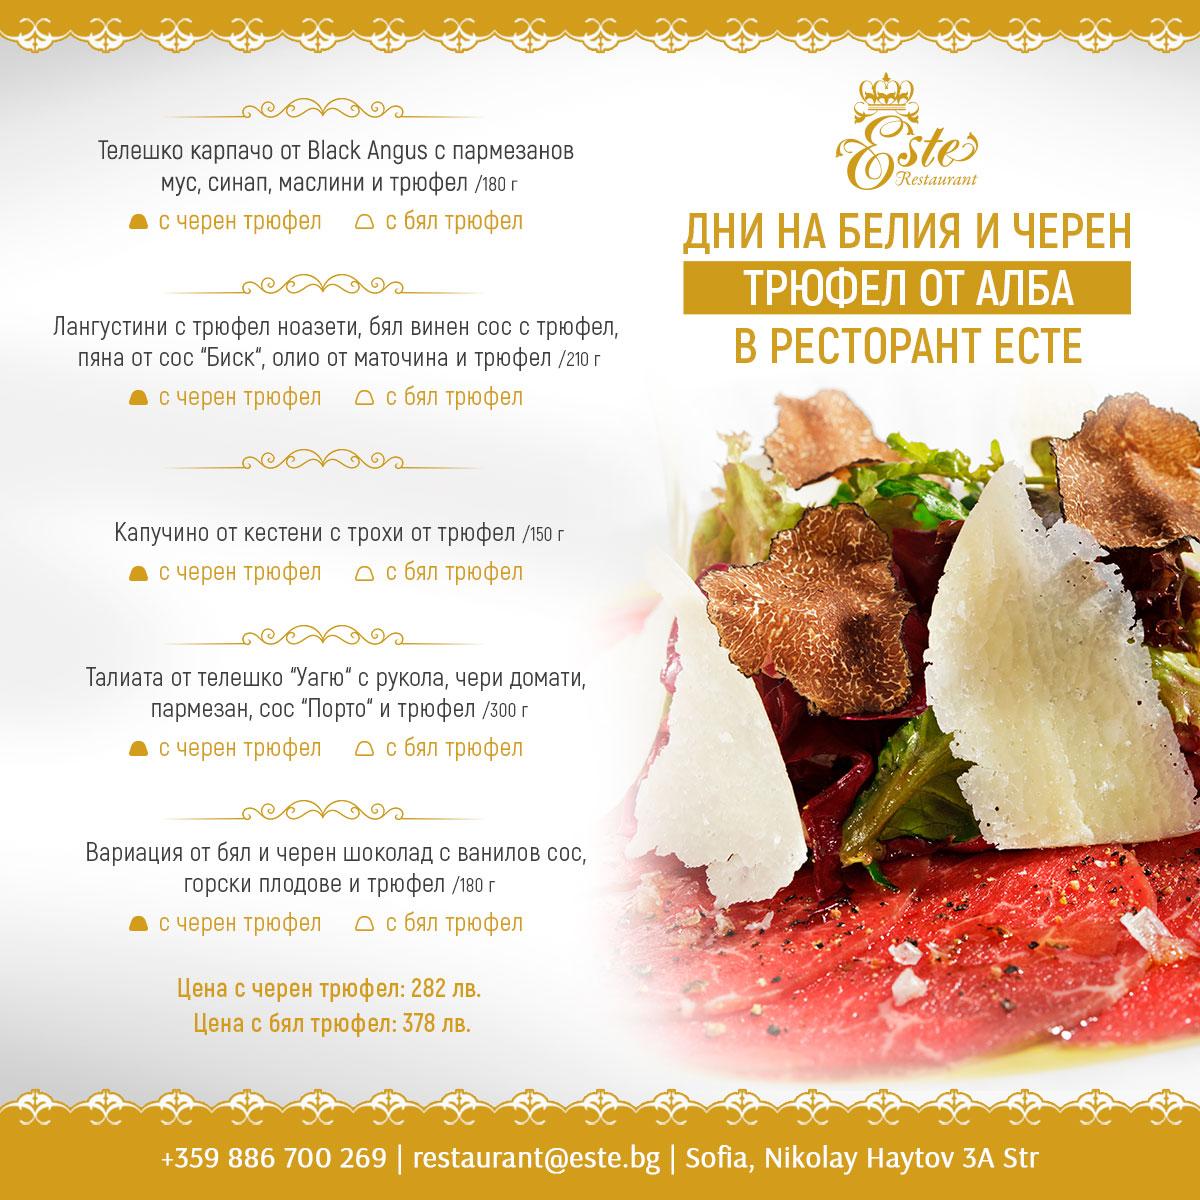 Трюфел наслада от най-високо качество ви очаква в Ресторант Есте!